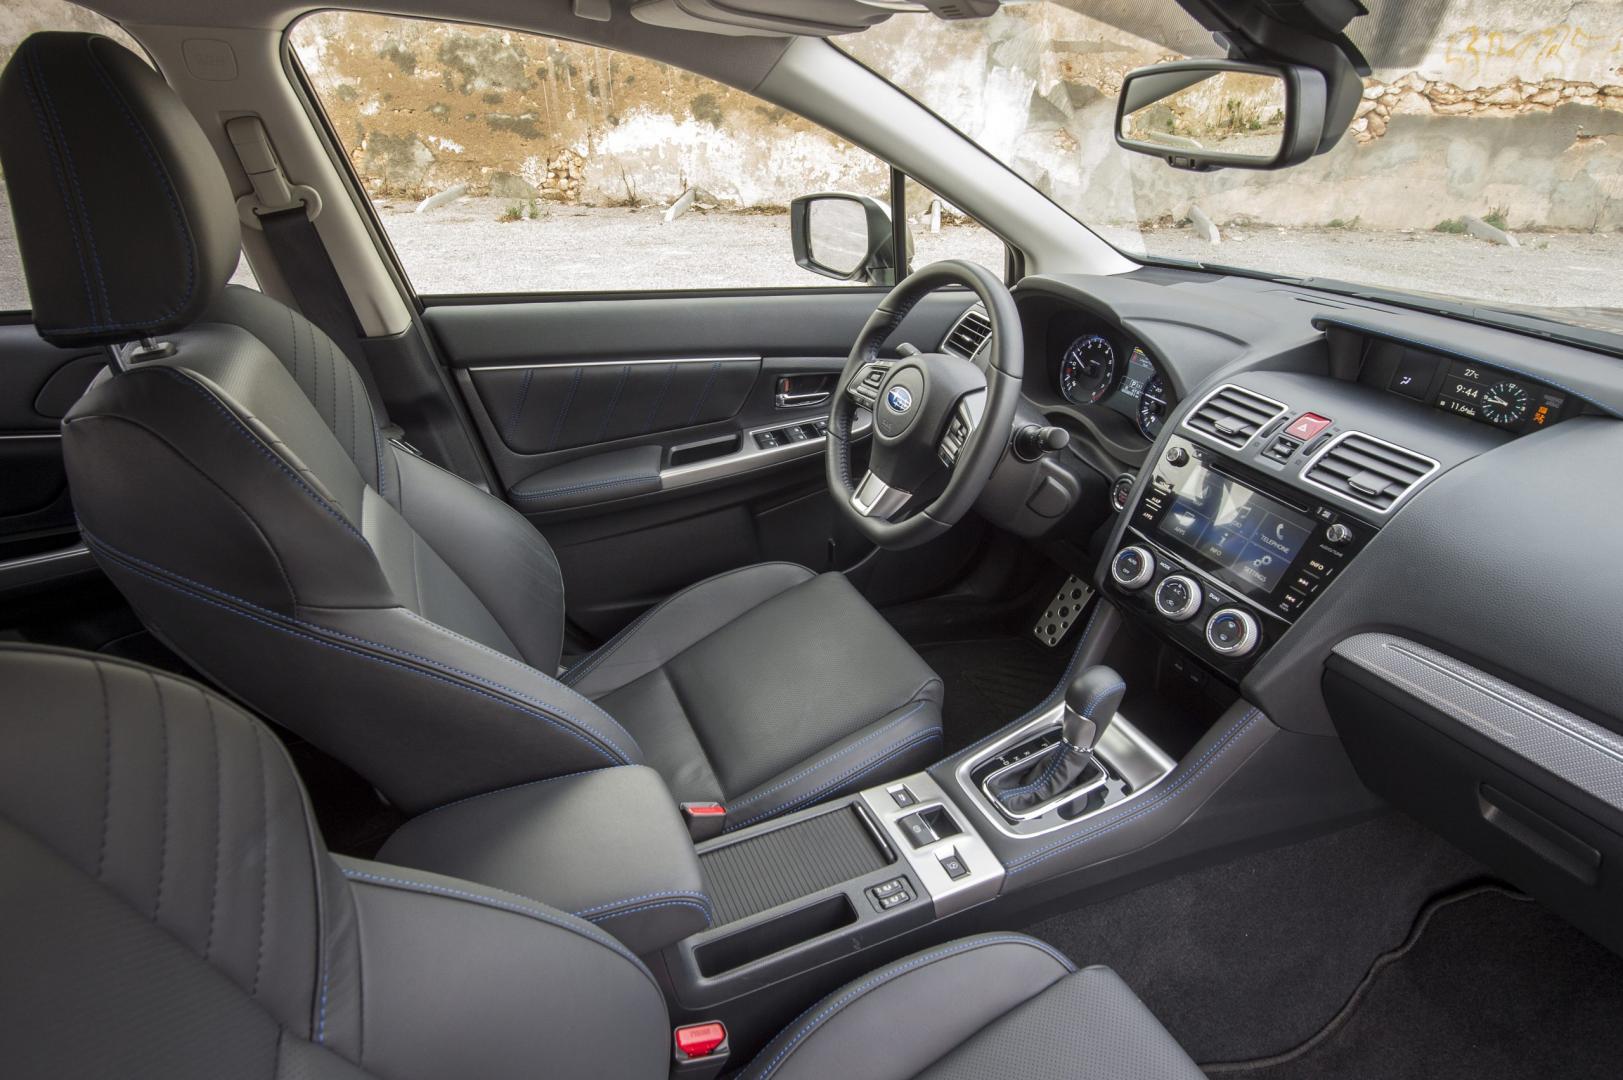 Subaru Levorg 1.6 GT-S Premium interieur (2015)